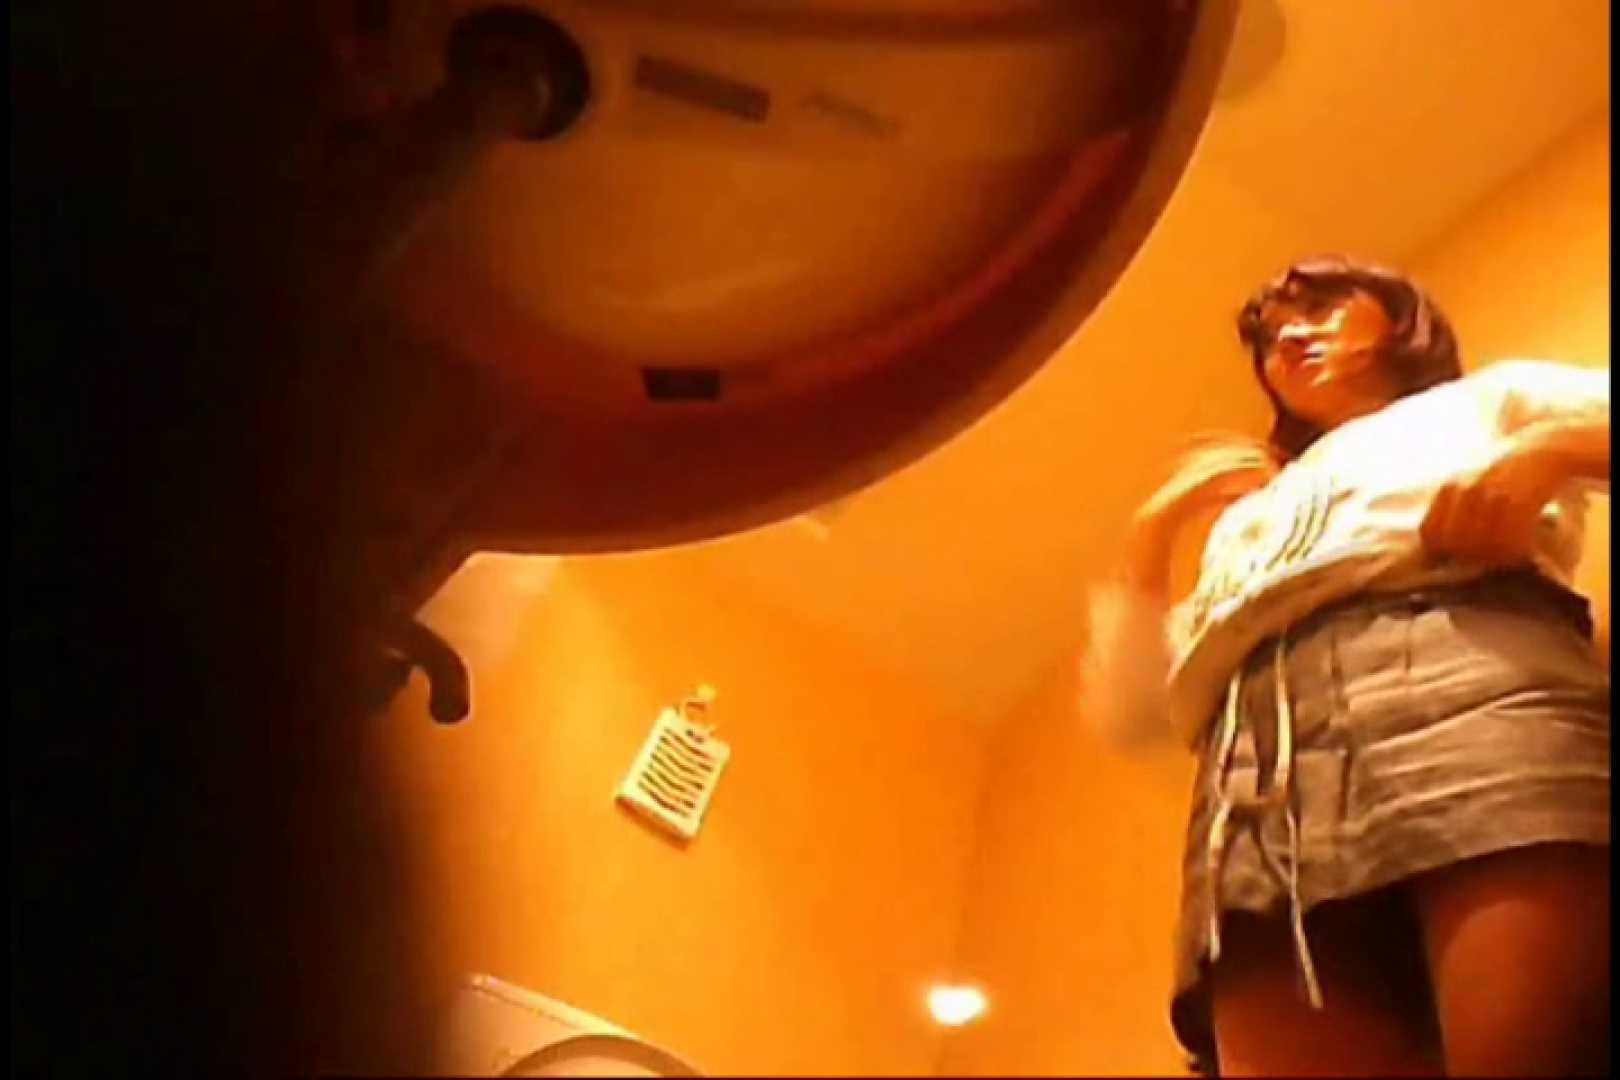 潜入!!女子化粧室盗撮~絶対見られたくない時間~vo,44 潜入突撃 われめAV動画紹介 71pic 38